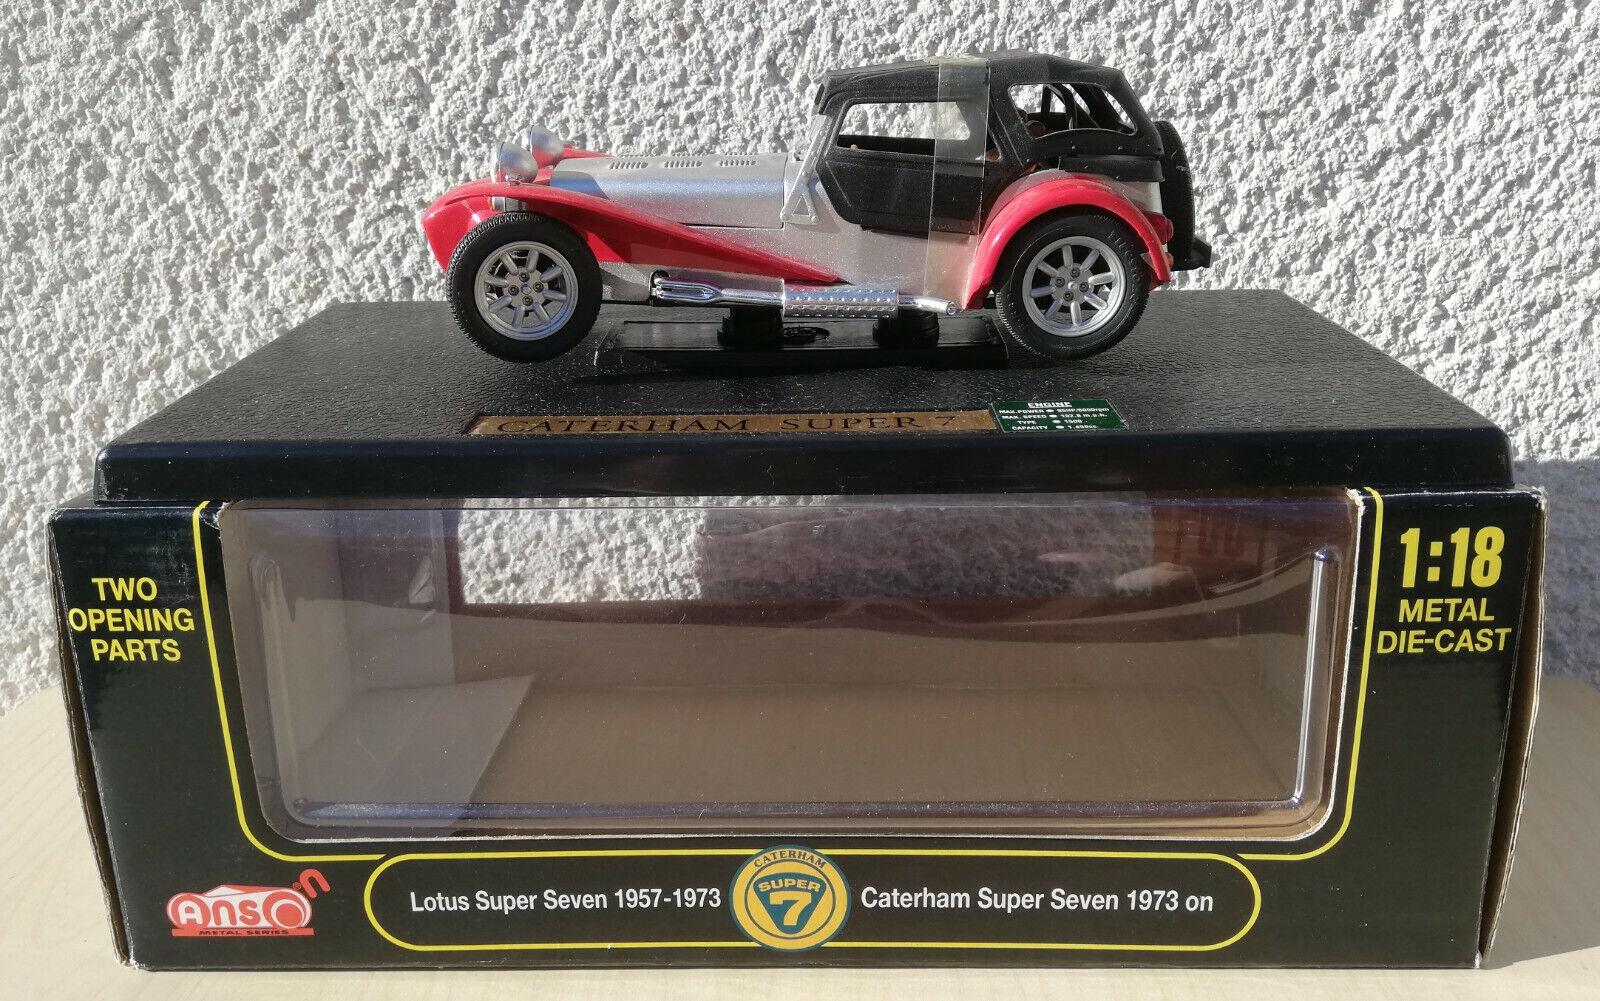 LOTUS SUPER SEVEN 1957 - 1973 CATERHAM Super Seven 1073 1 18 Anson